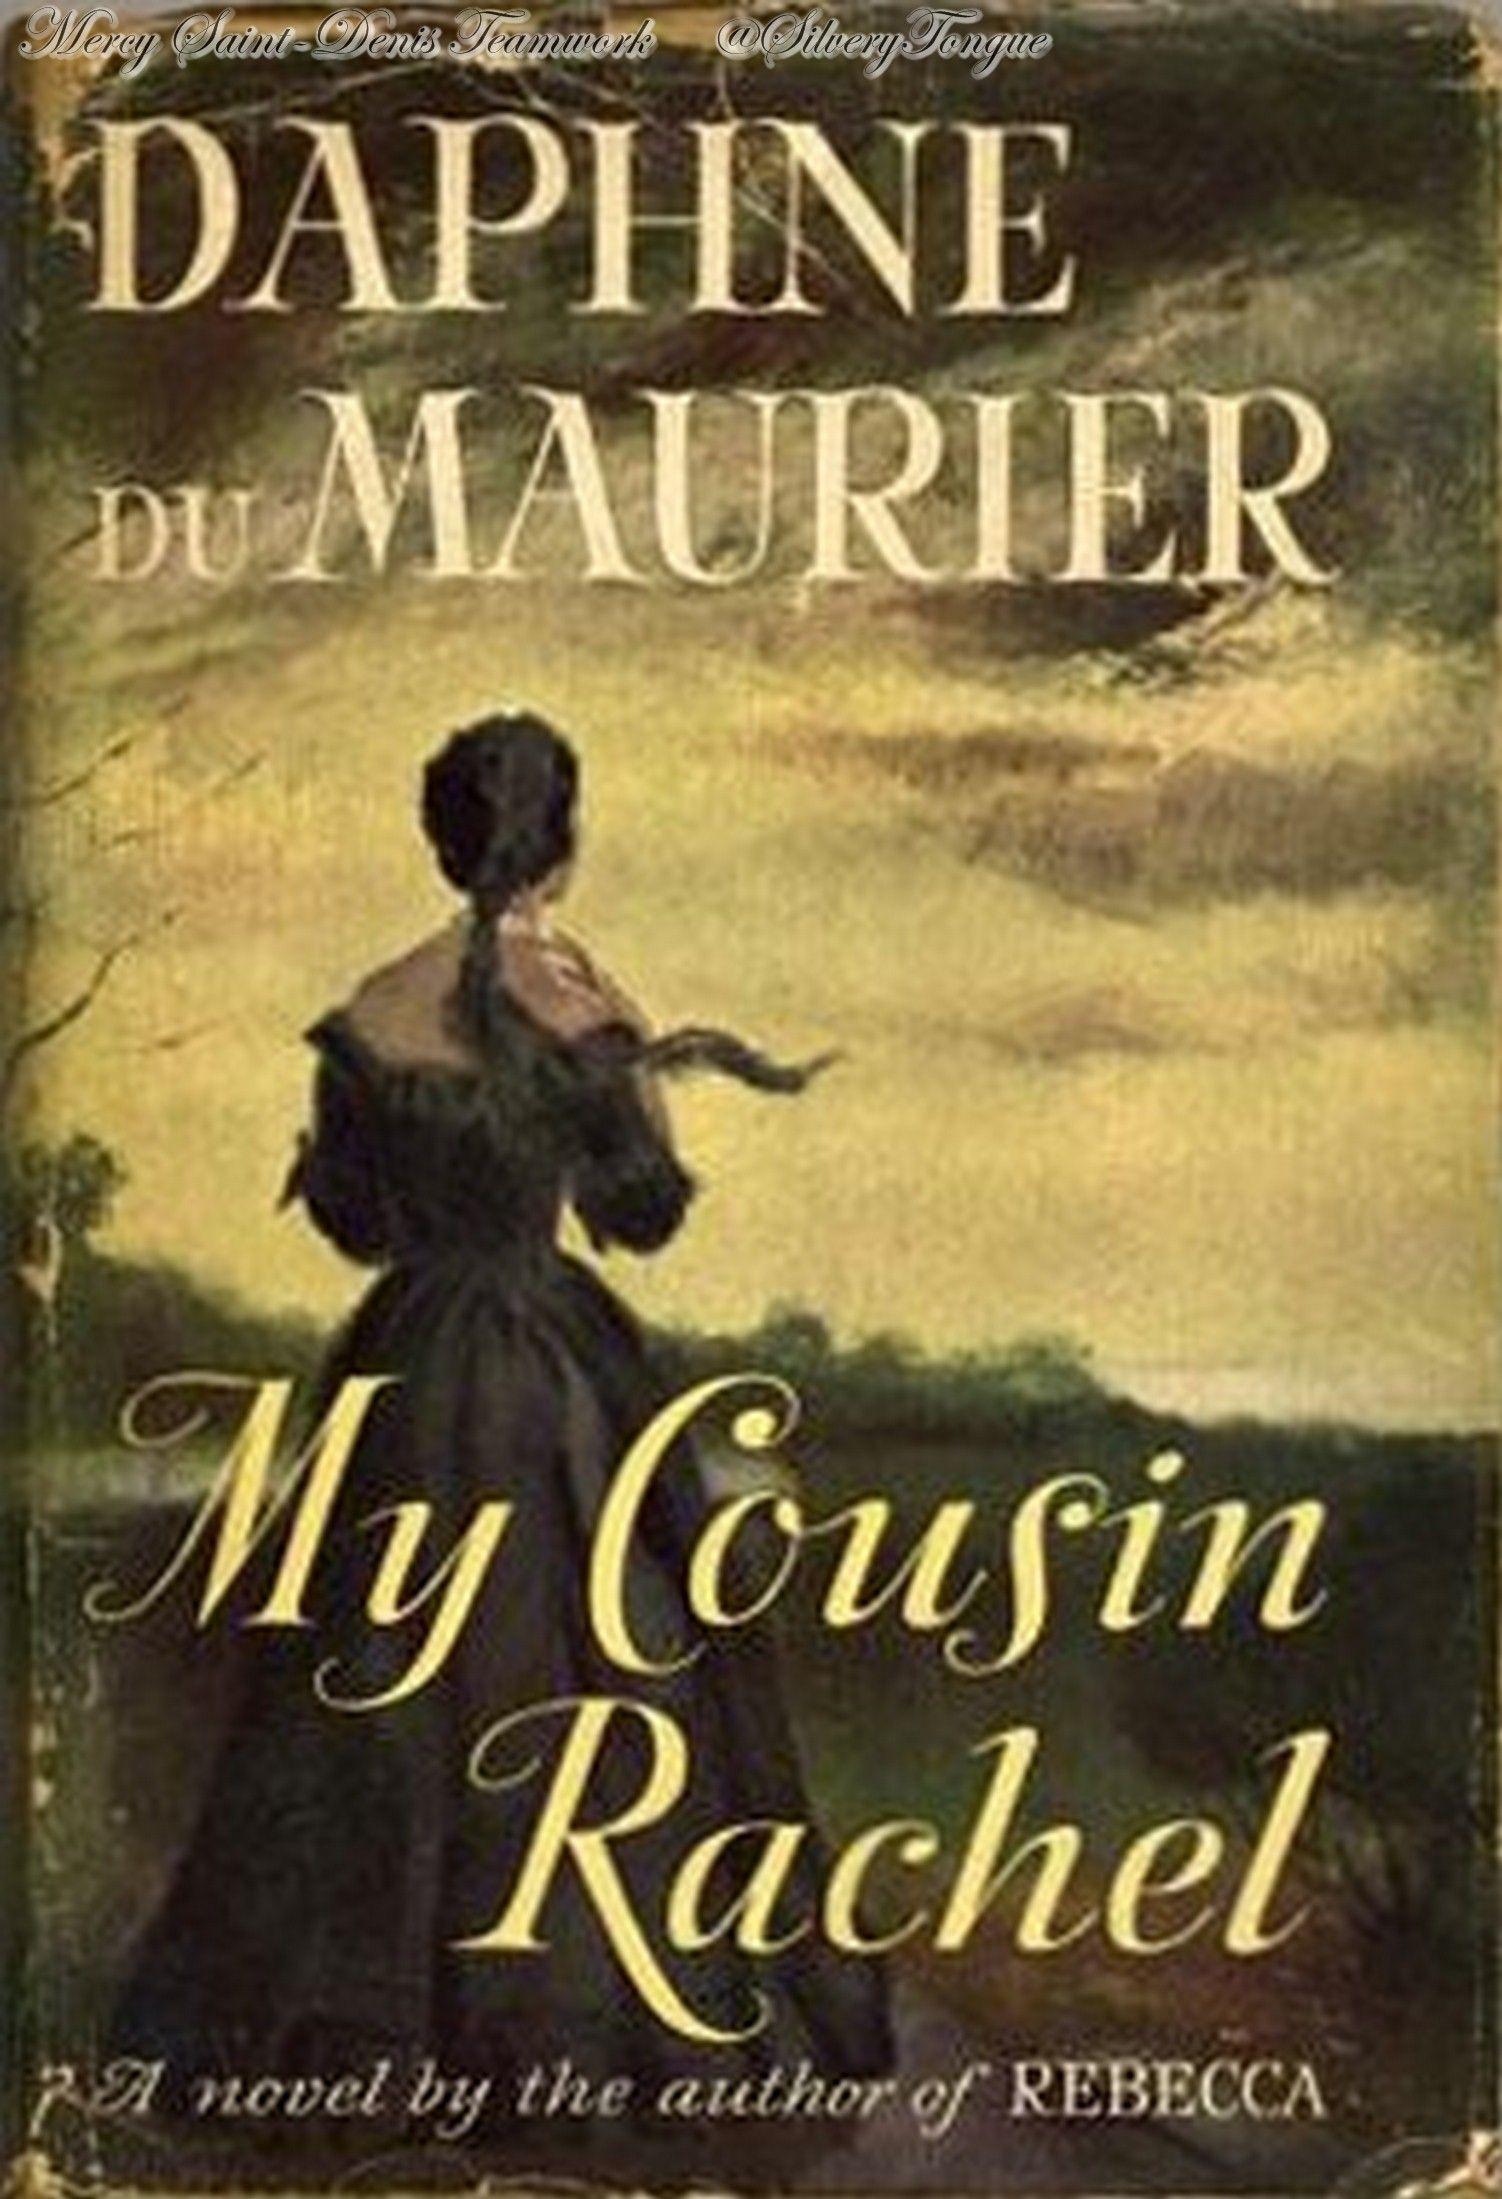 My Cousin Rachel (Mi Prima Raquel) - Daphne Du Maurier. Relato de intriga sobre un joven que, a finales del siglo XIX, intenta averiguar si su prima Raquel es o no culpable del asesinato de su marido.